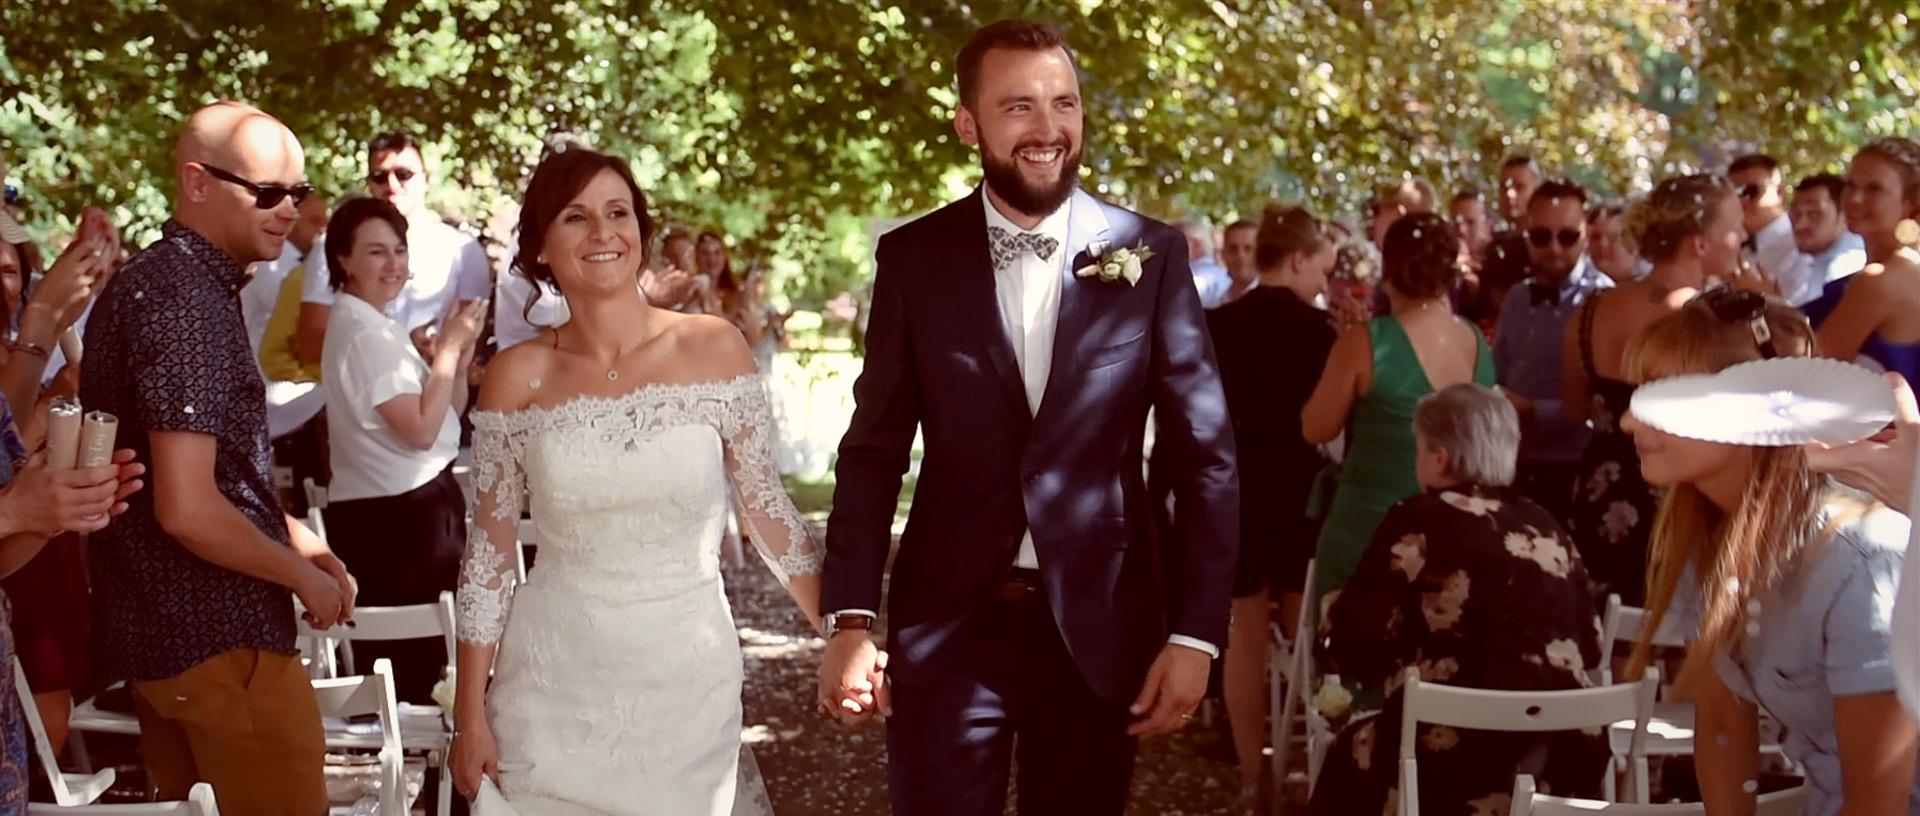 vidéaste mariage - film - mariage - nord france - chateau de couturelle